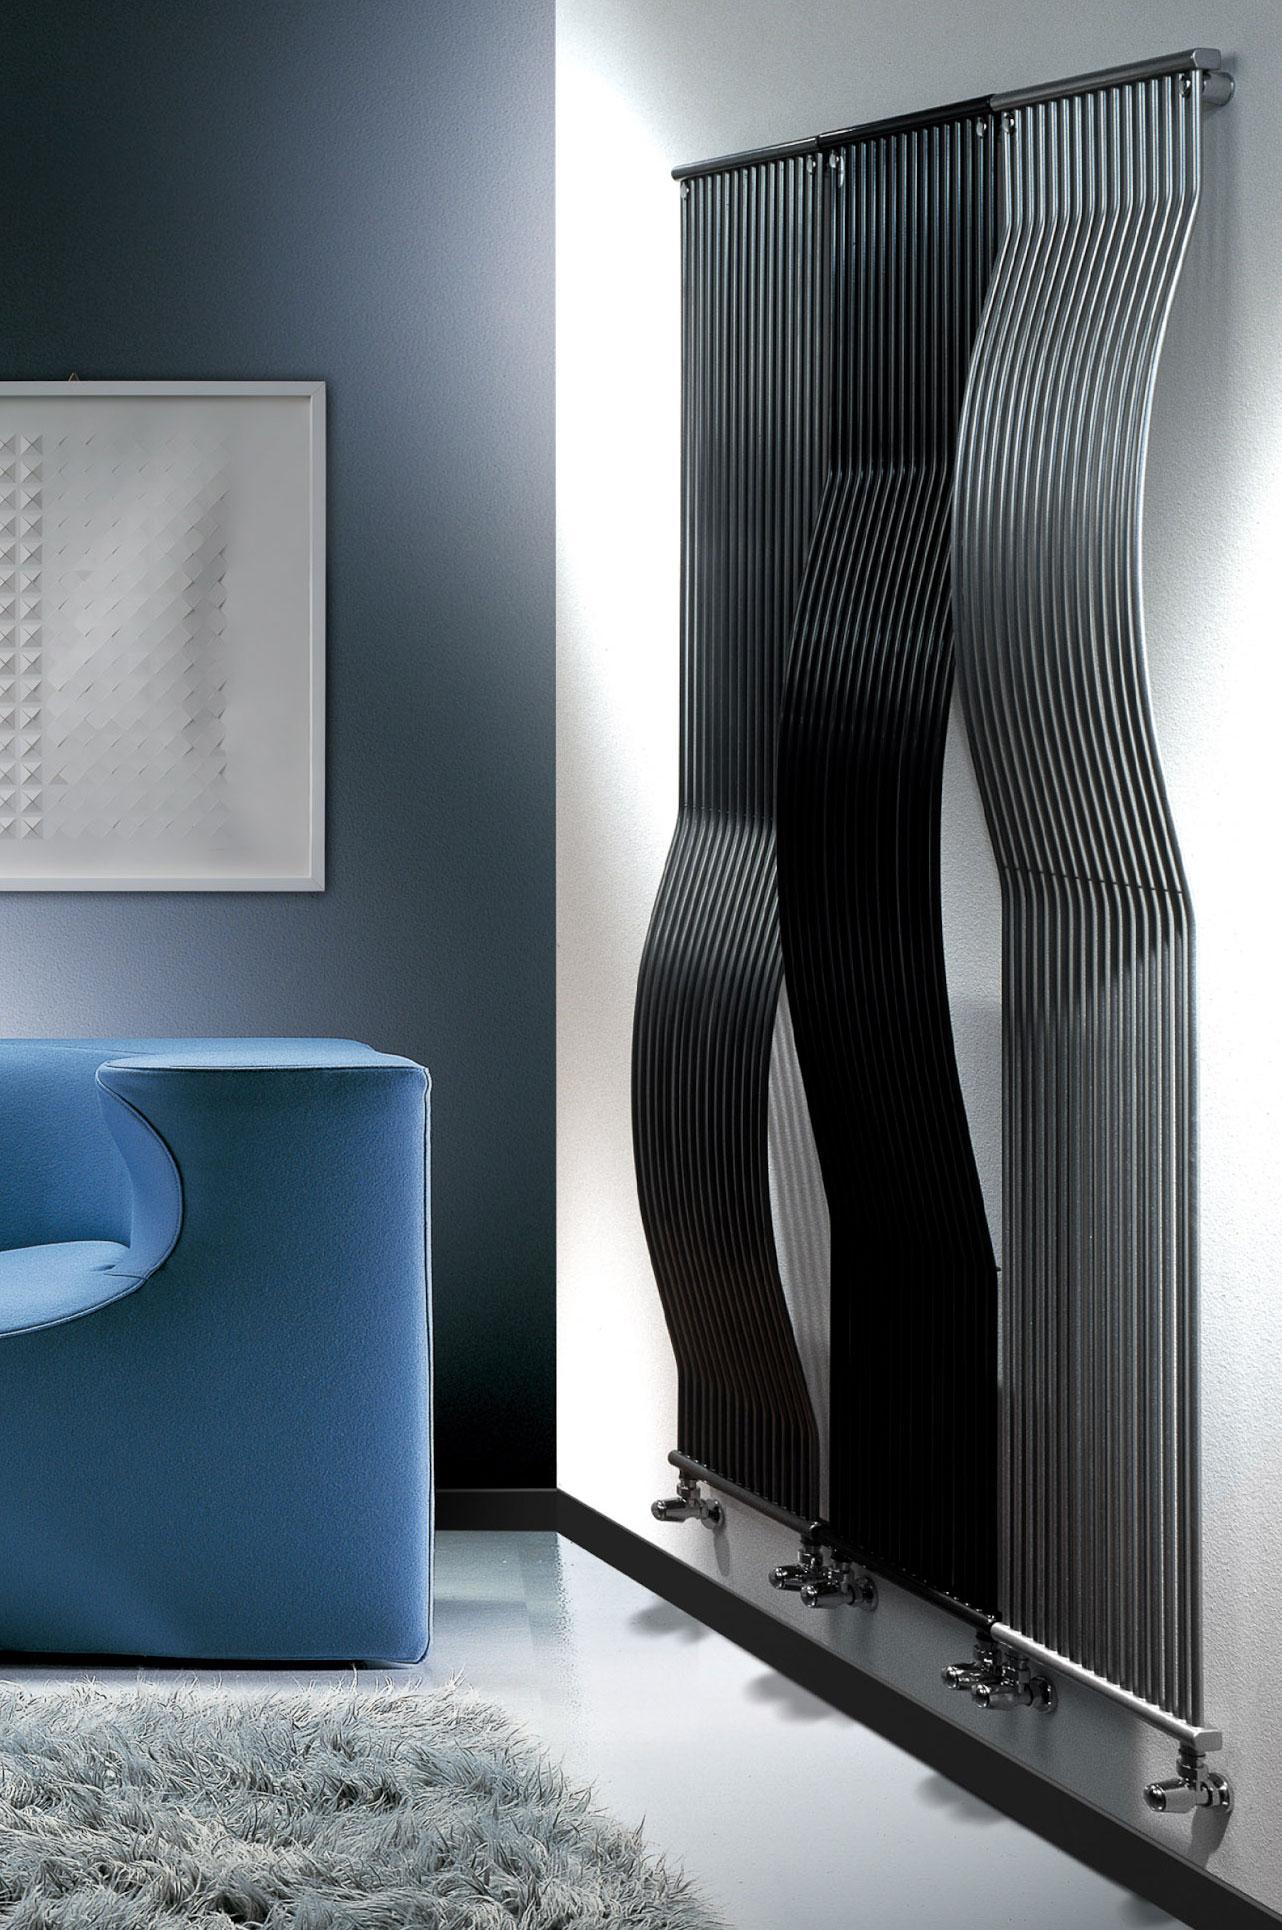 Design-Heizkörper aus der ganzen Welt für Wohnraum, Büro